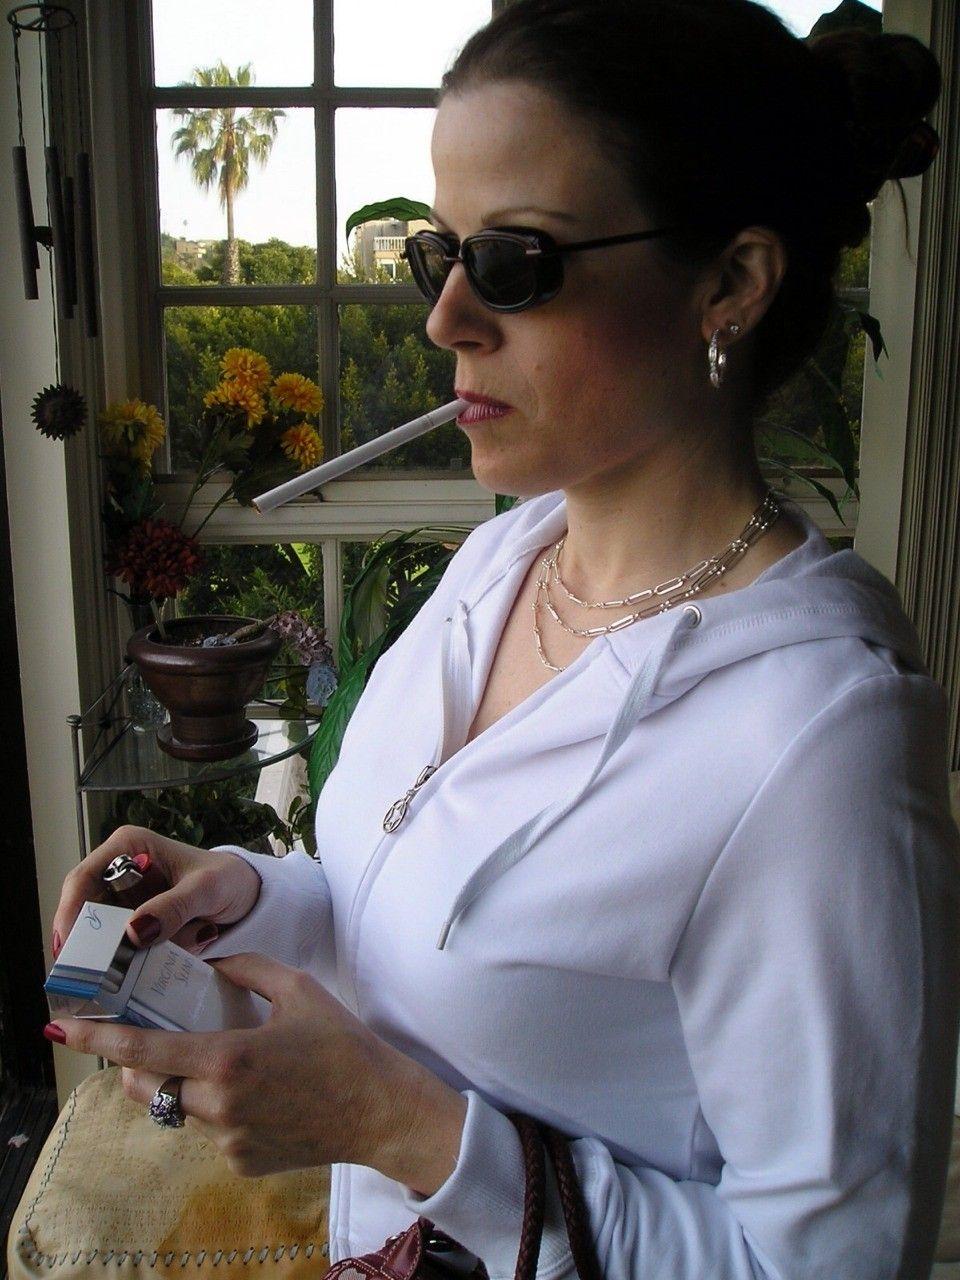 Pin by L  on Smoking Favs | Virginia slims, Women smoking